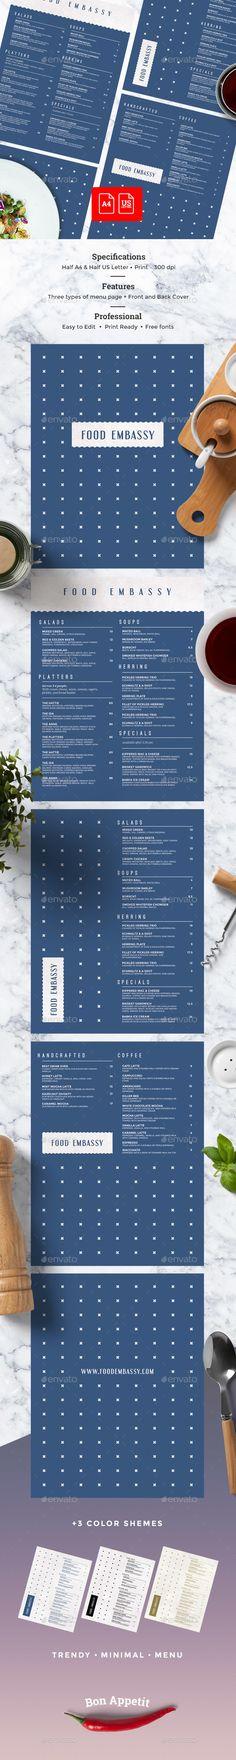 Menu Template Bundle - Food Menus Print Templates Food - bar menu template